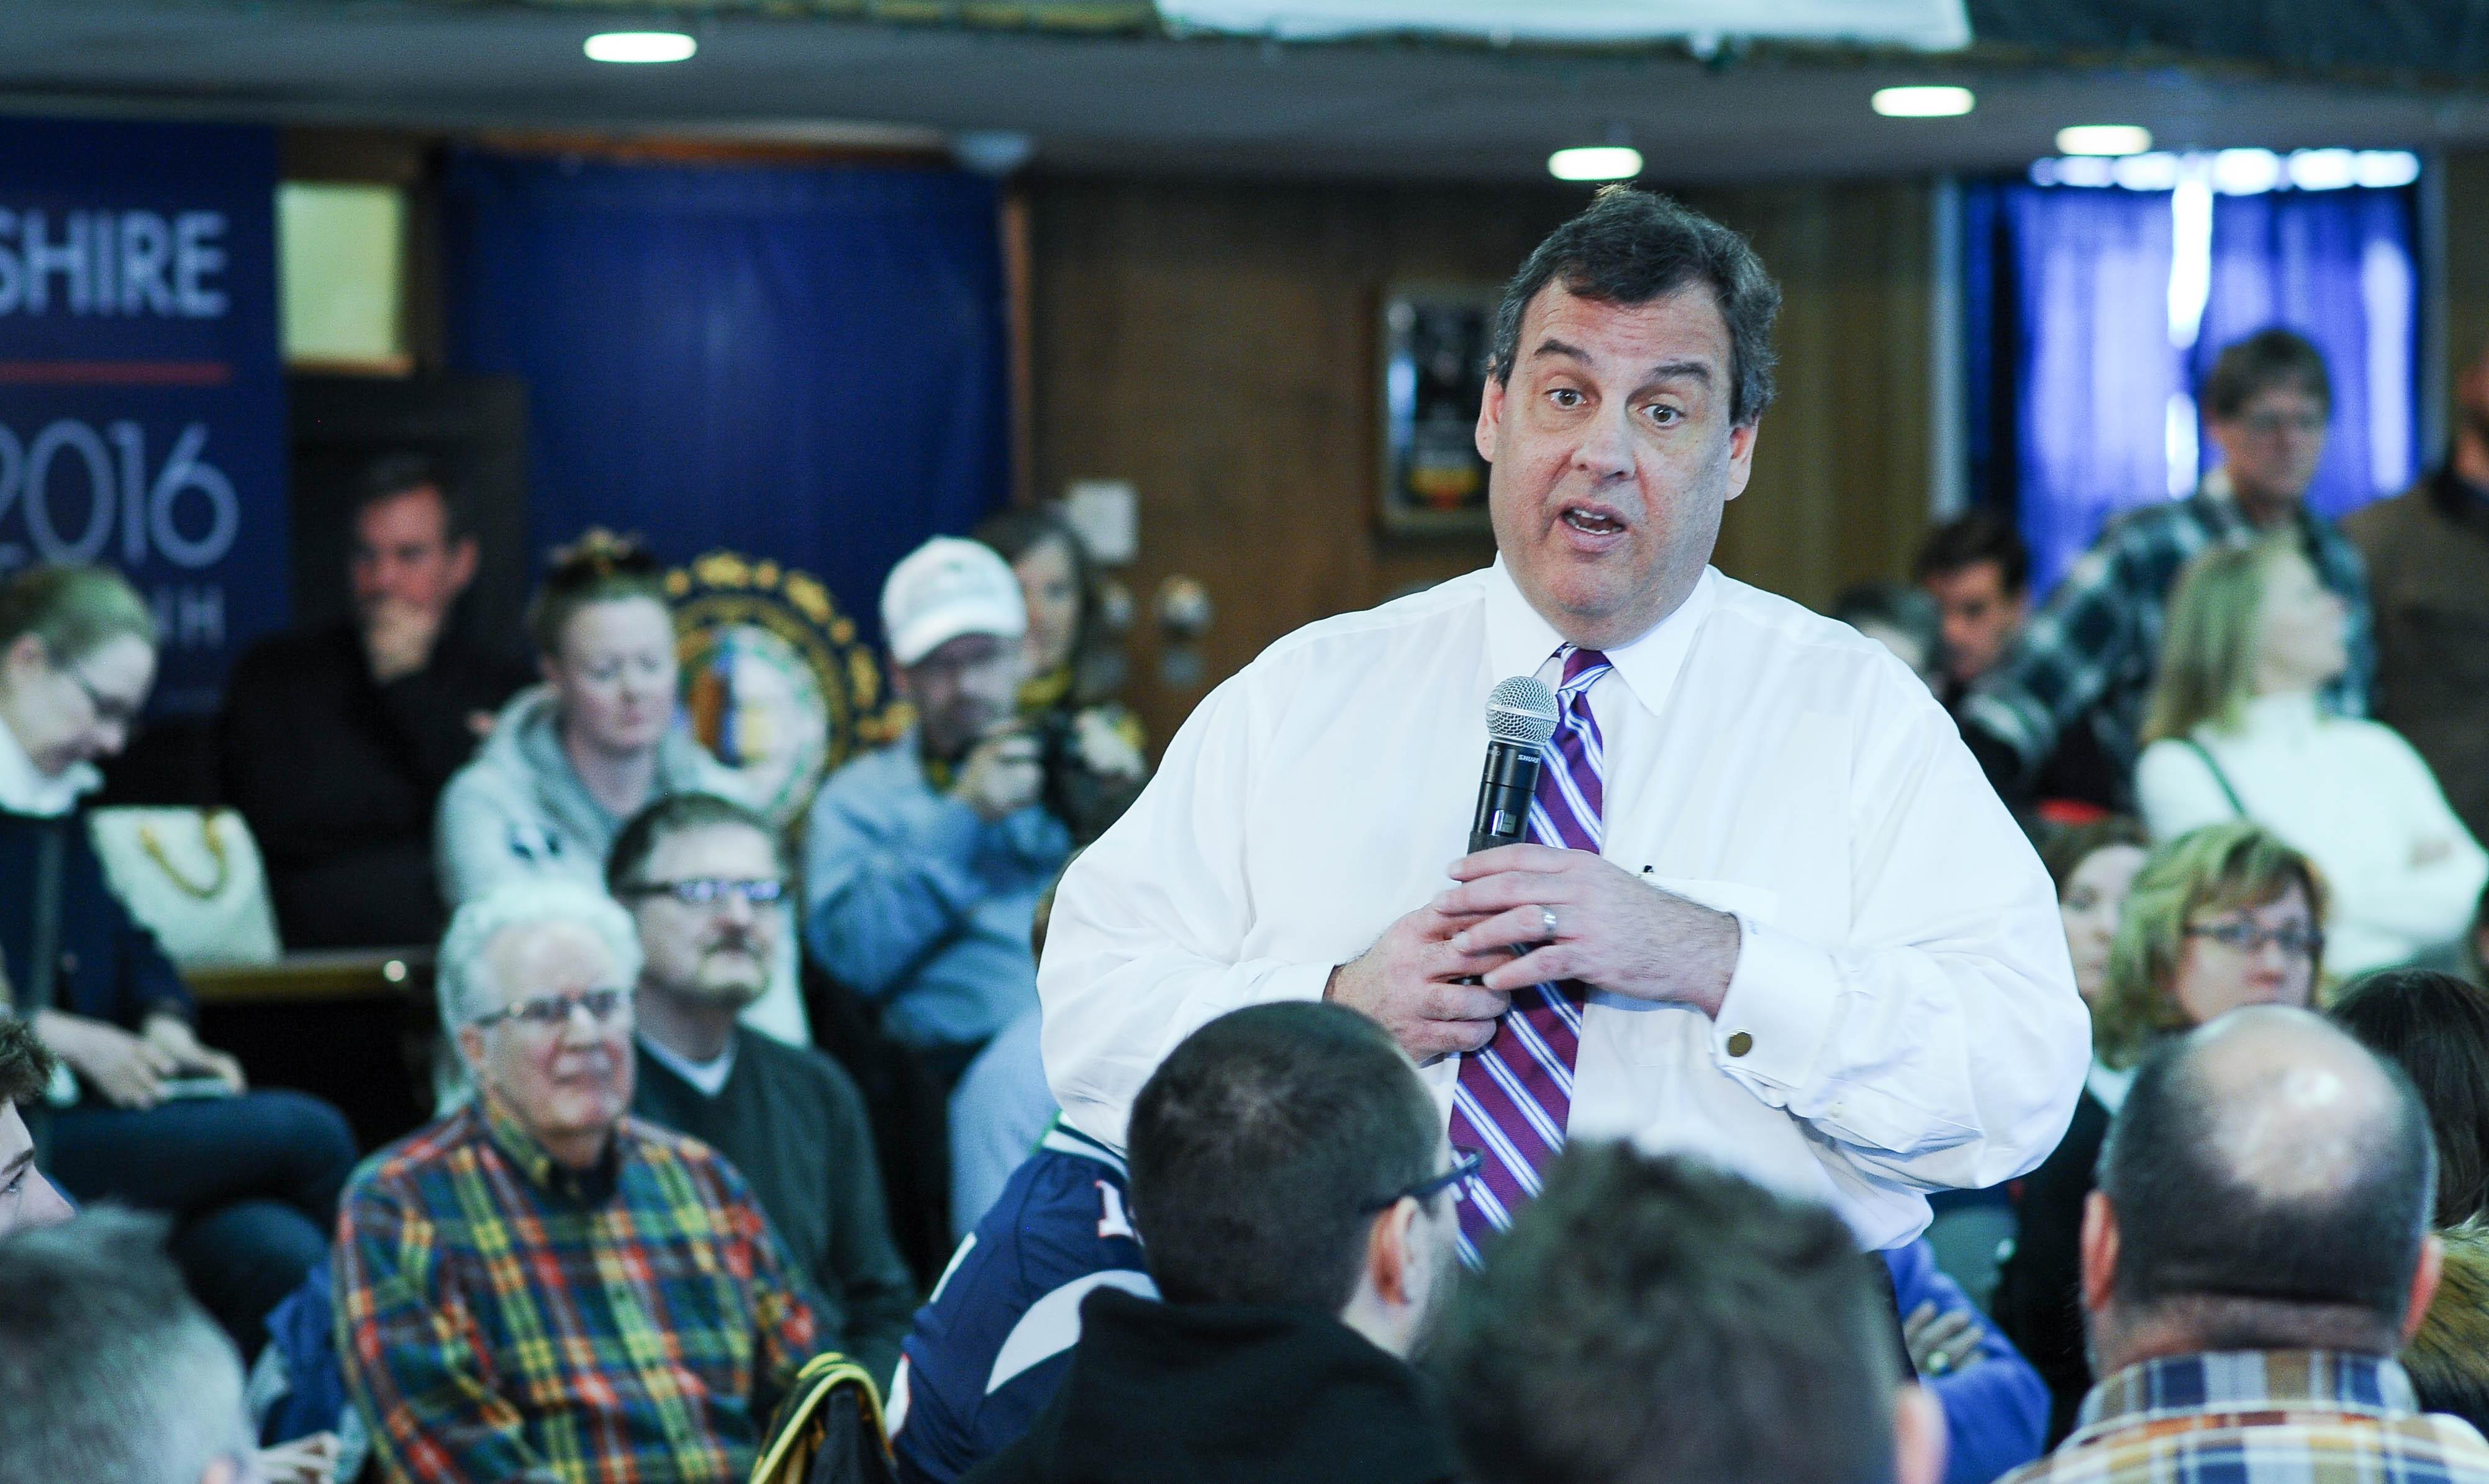 Governador de Nova Jersey é criticado após ser visto em praia fechada